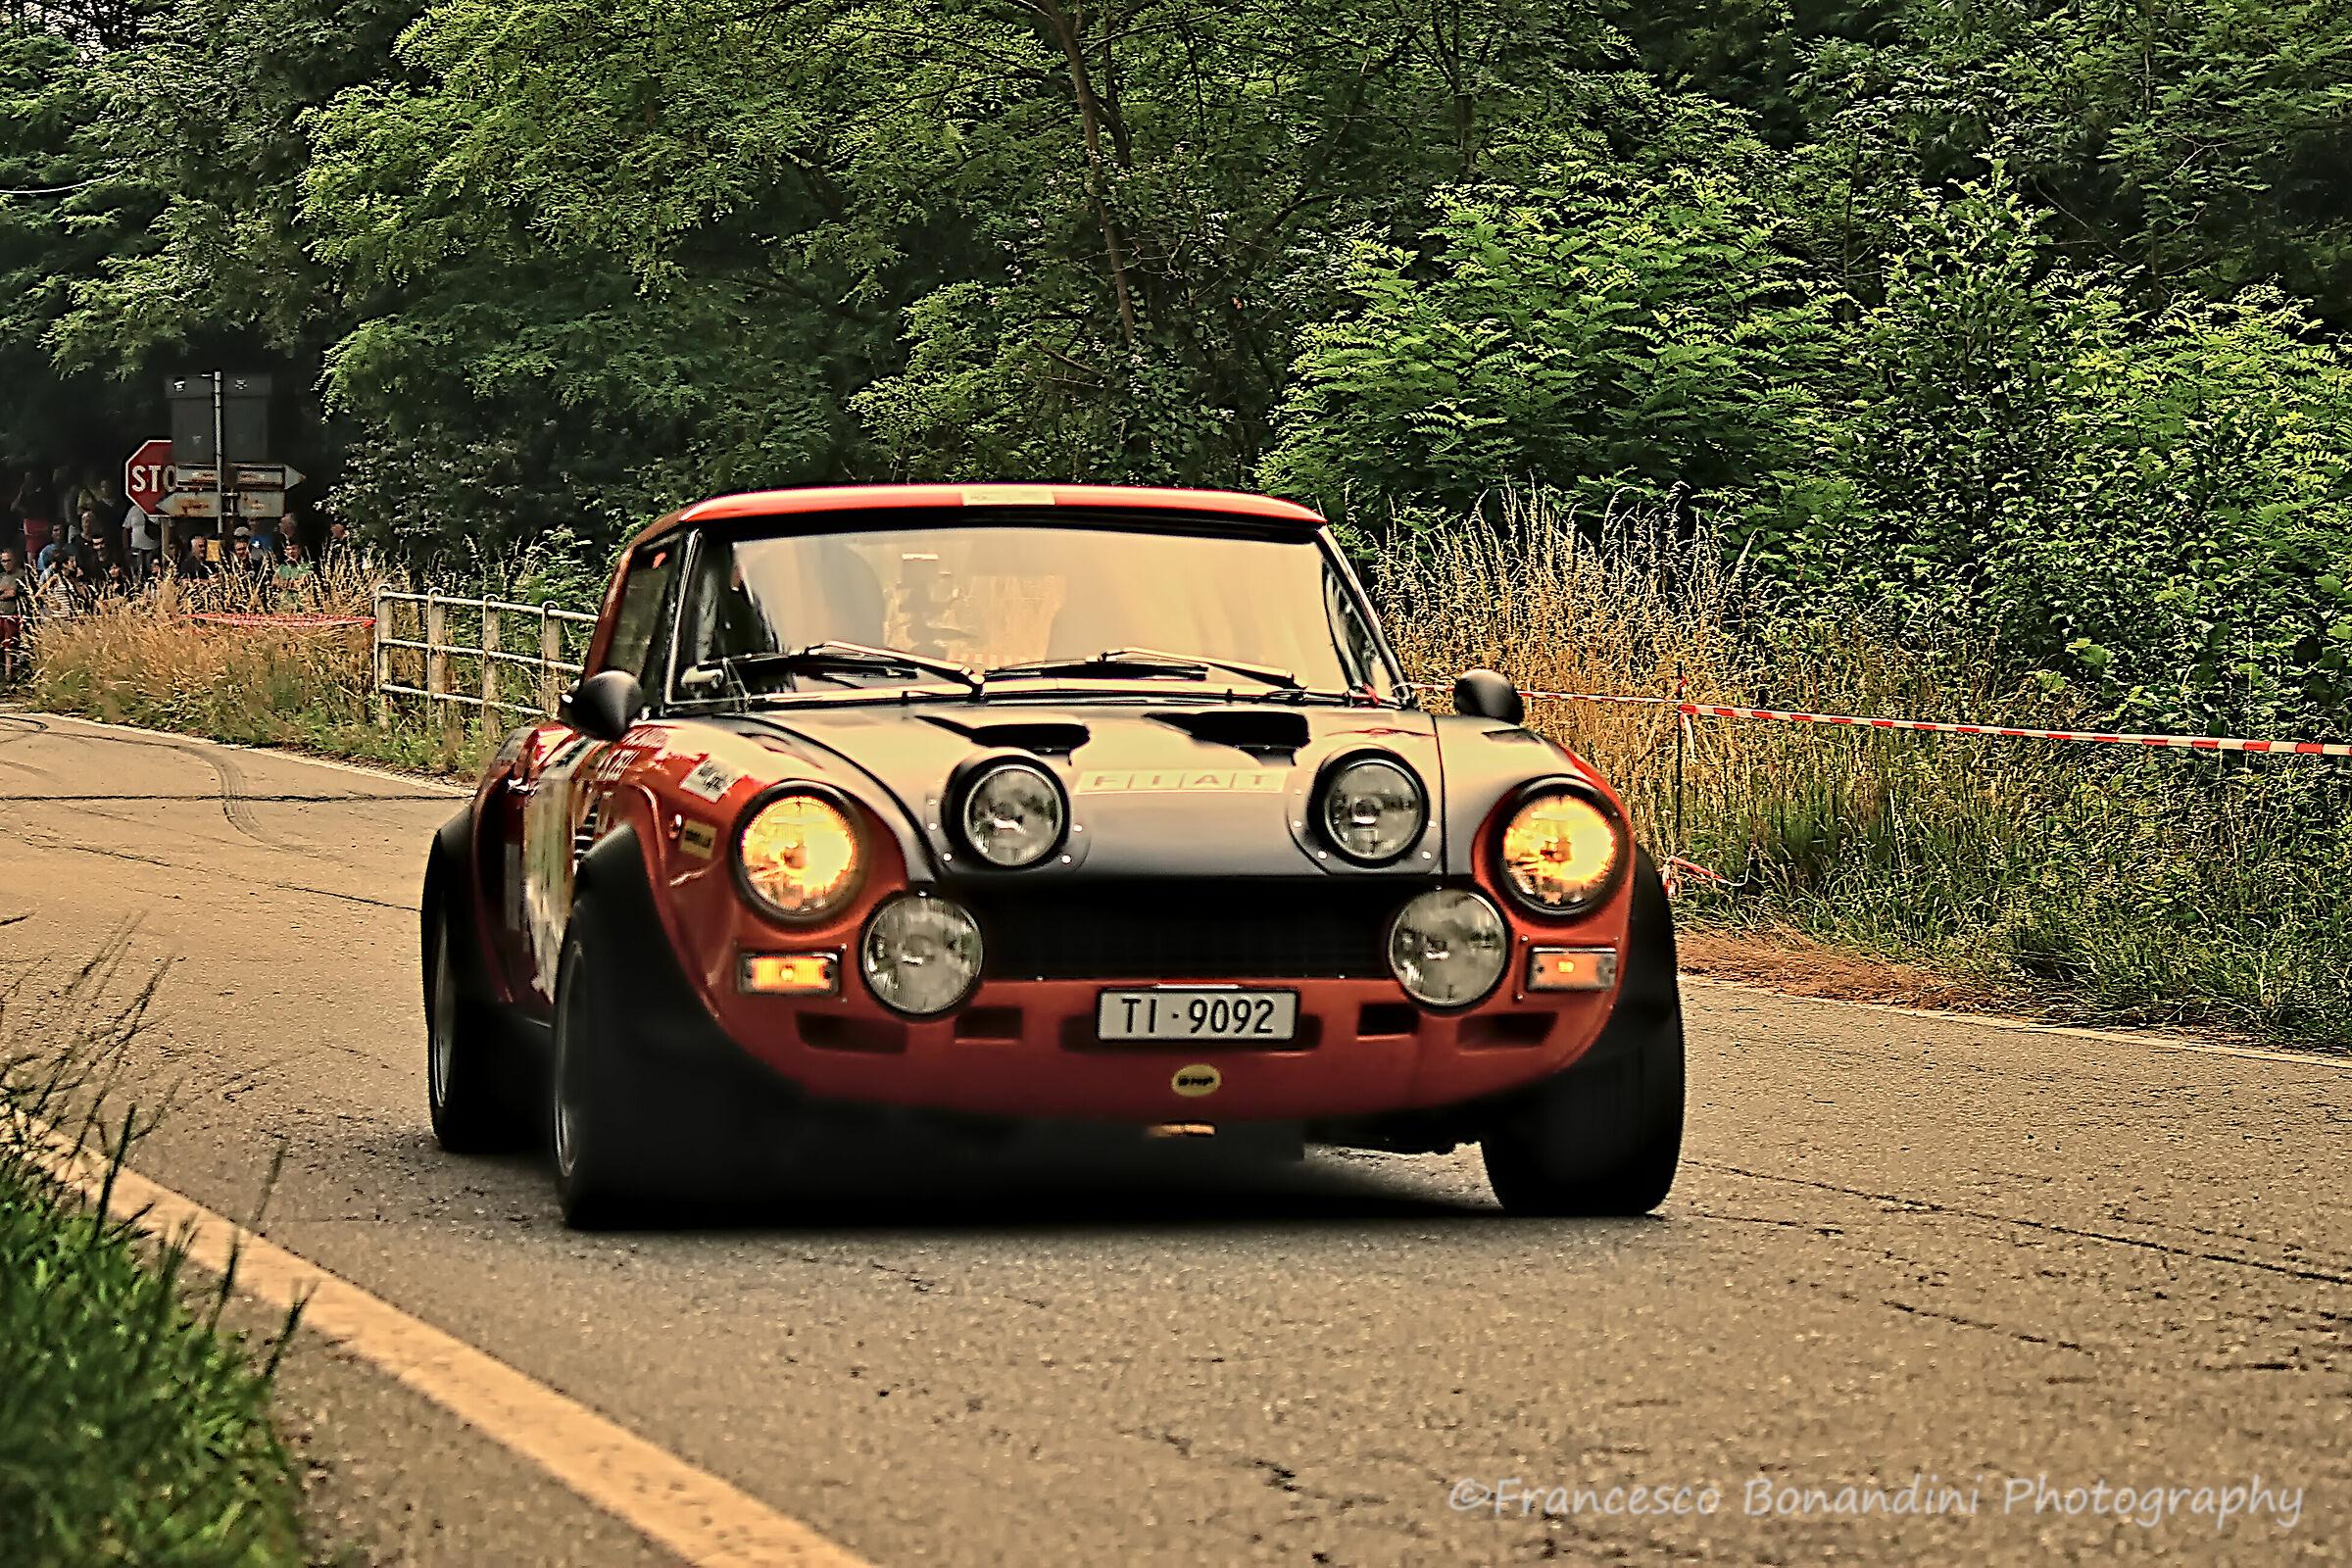 Italian style...